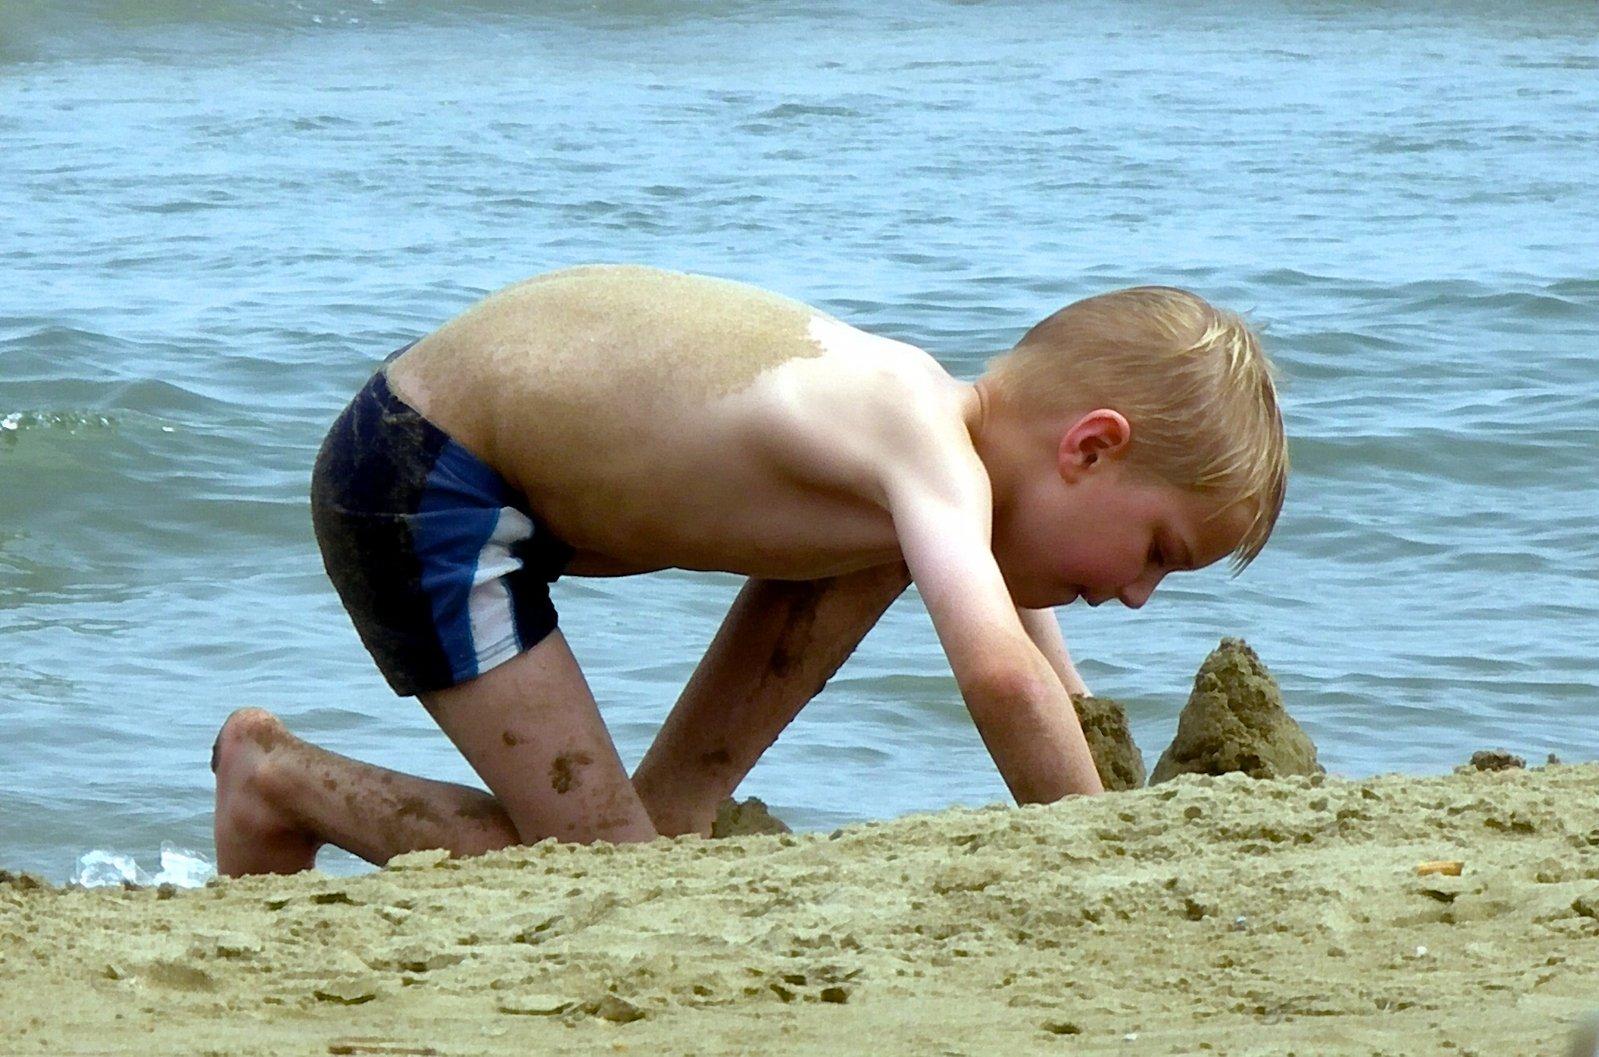 Фото мал чл, Маленький член (пенис): что делать, почему, позы, фото 22 фотография